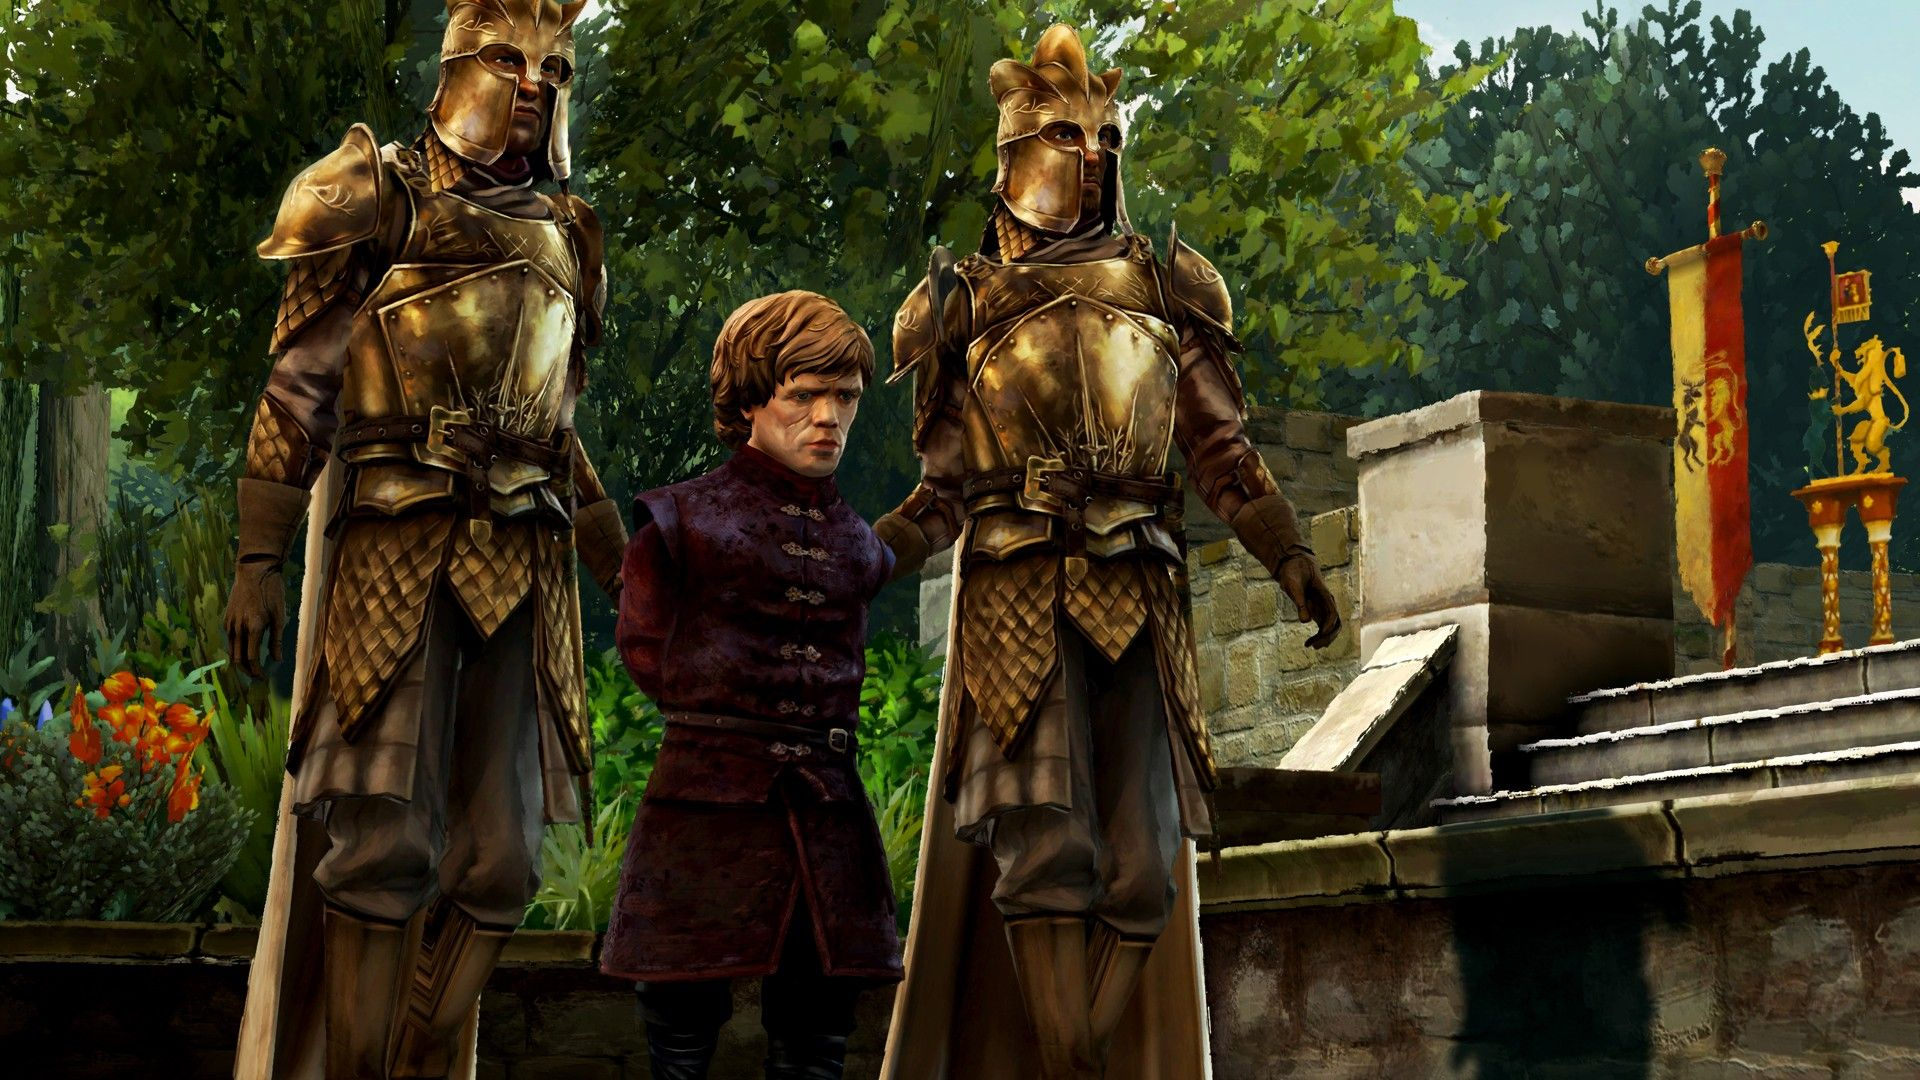 Game Of Thrones A Telltale Games Series Tv Cast Featurette Telltale Games Zeigt Euch Die Schauspieler Der Tv Serie G Game Of Thrones The Sword Playstation